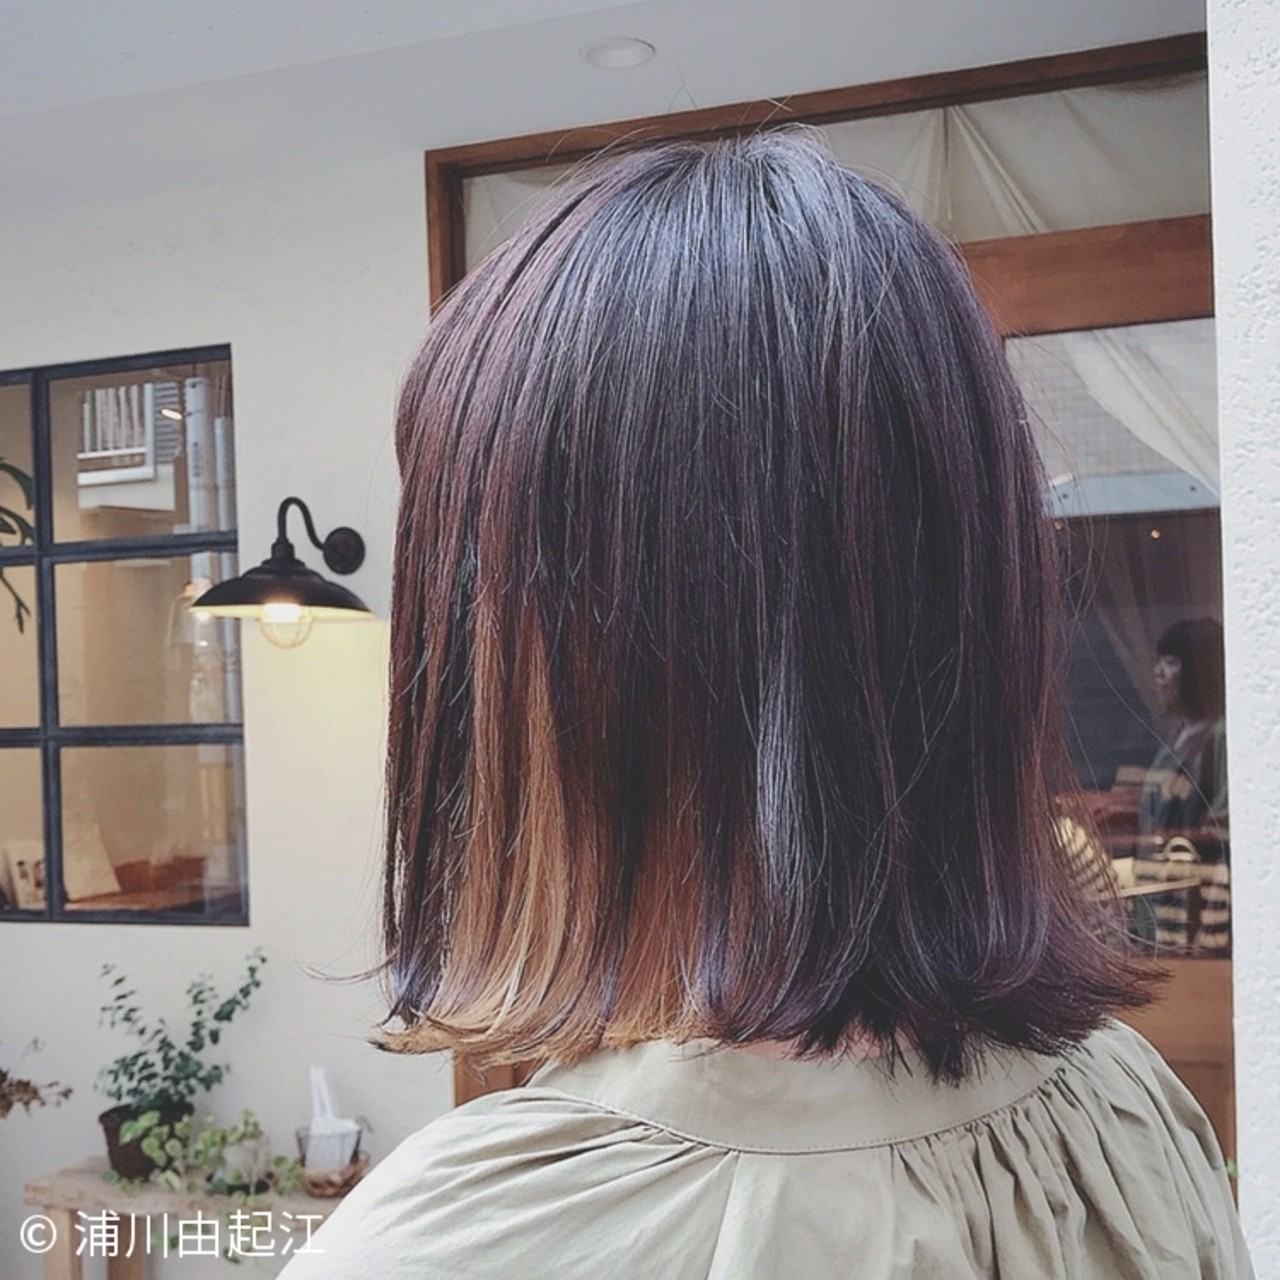 インナーカラー ナチュラル デート ハイライト ヘアスタイルや髪型の写真・画像